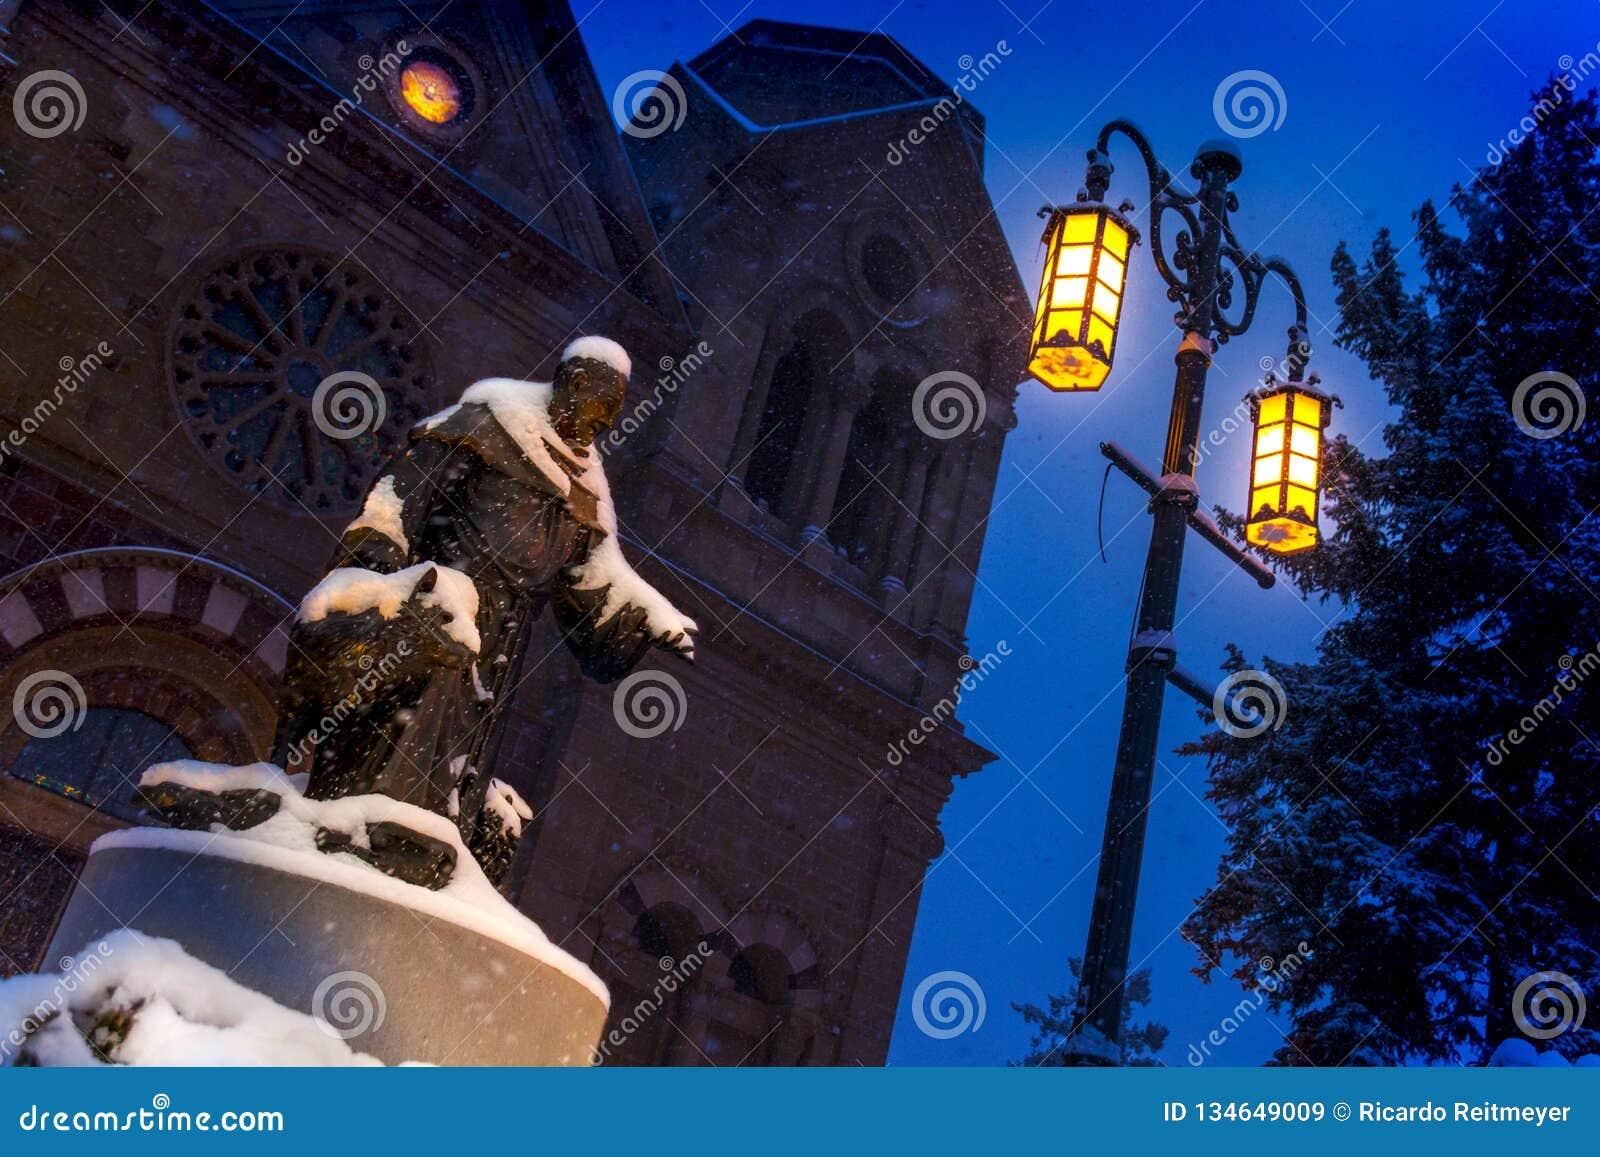 Caídas de la nieve pesadamente en esta escena de la noche de la basílica de St Francis y de St Francis de la estatua de Assisi en